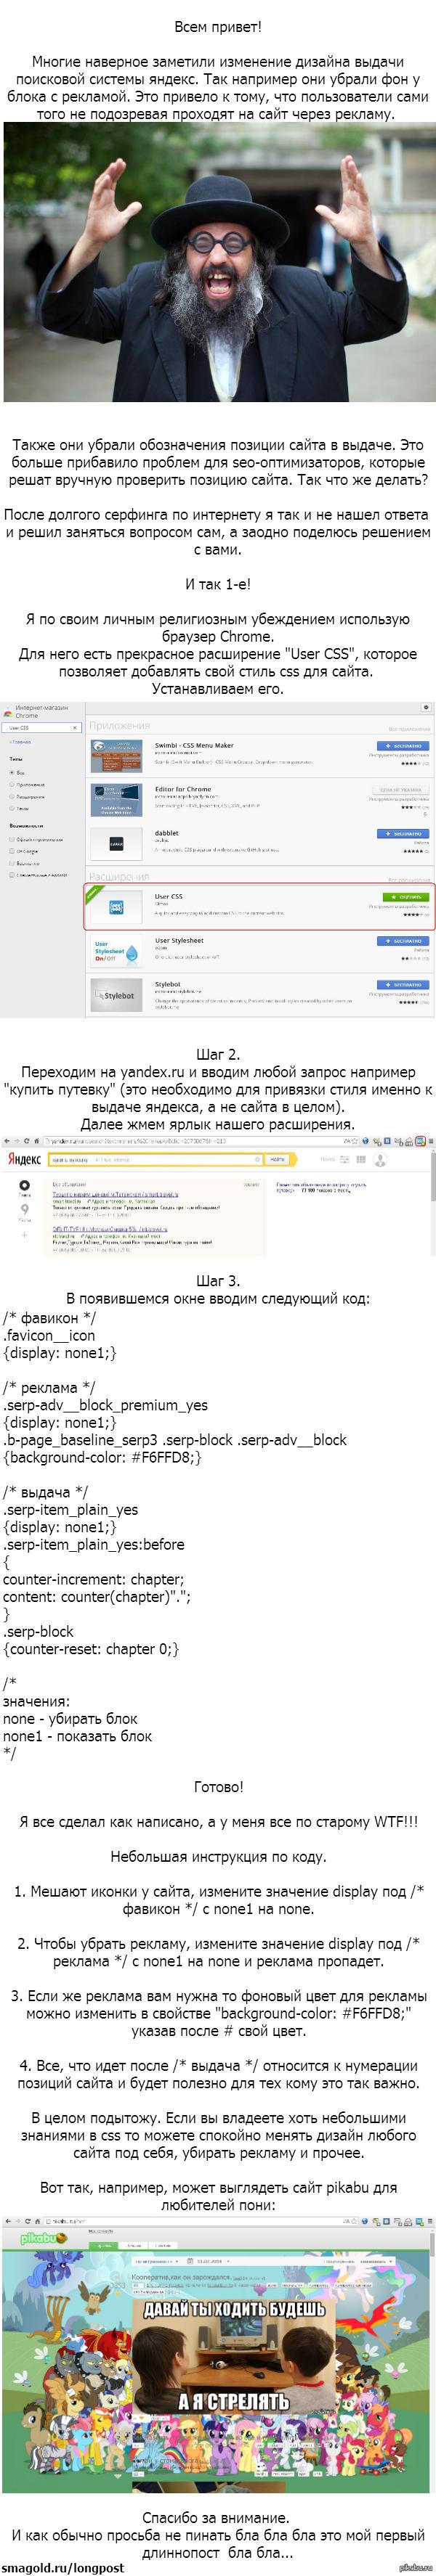 Яндекс вернись я все прощу. Этот пост о том, как частично вернуть функциональную часть дизайна яндекса в поисковой выдаче.